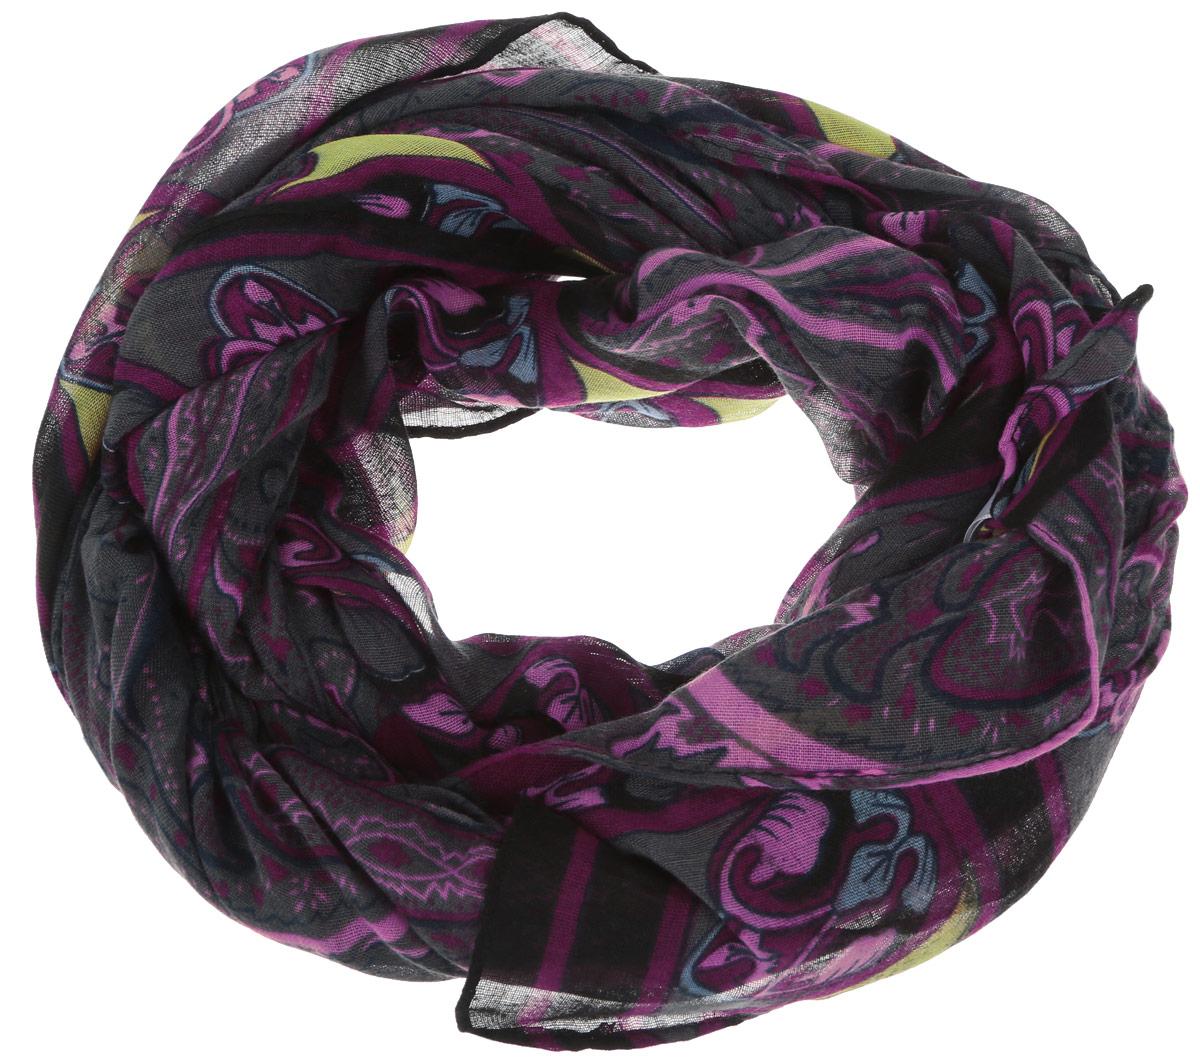 SCw-142/452-6302Модный женский шарф Sela подарит вам уют и станет стильным аксессуаром, который призван подчеркнуть вашу индивидуальность и женственность. Шарф выполнен из полиэстера, он невероятно мягкий и приятный на ощупь. Модель оформлена контрастным цветочным рисунком. Этот модный аксессуар гармонично дополнит образ современной женщины, следящей за своим имиджем и стремящейся всегда оставаться стильной и элегантной. Такой шарф украсит любой наряд и согреет вас в непогоду, с ним вы всегда будете выглядеть изысканно и оригинально.